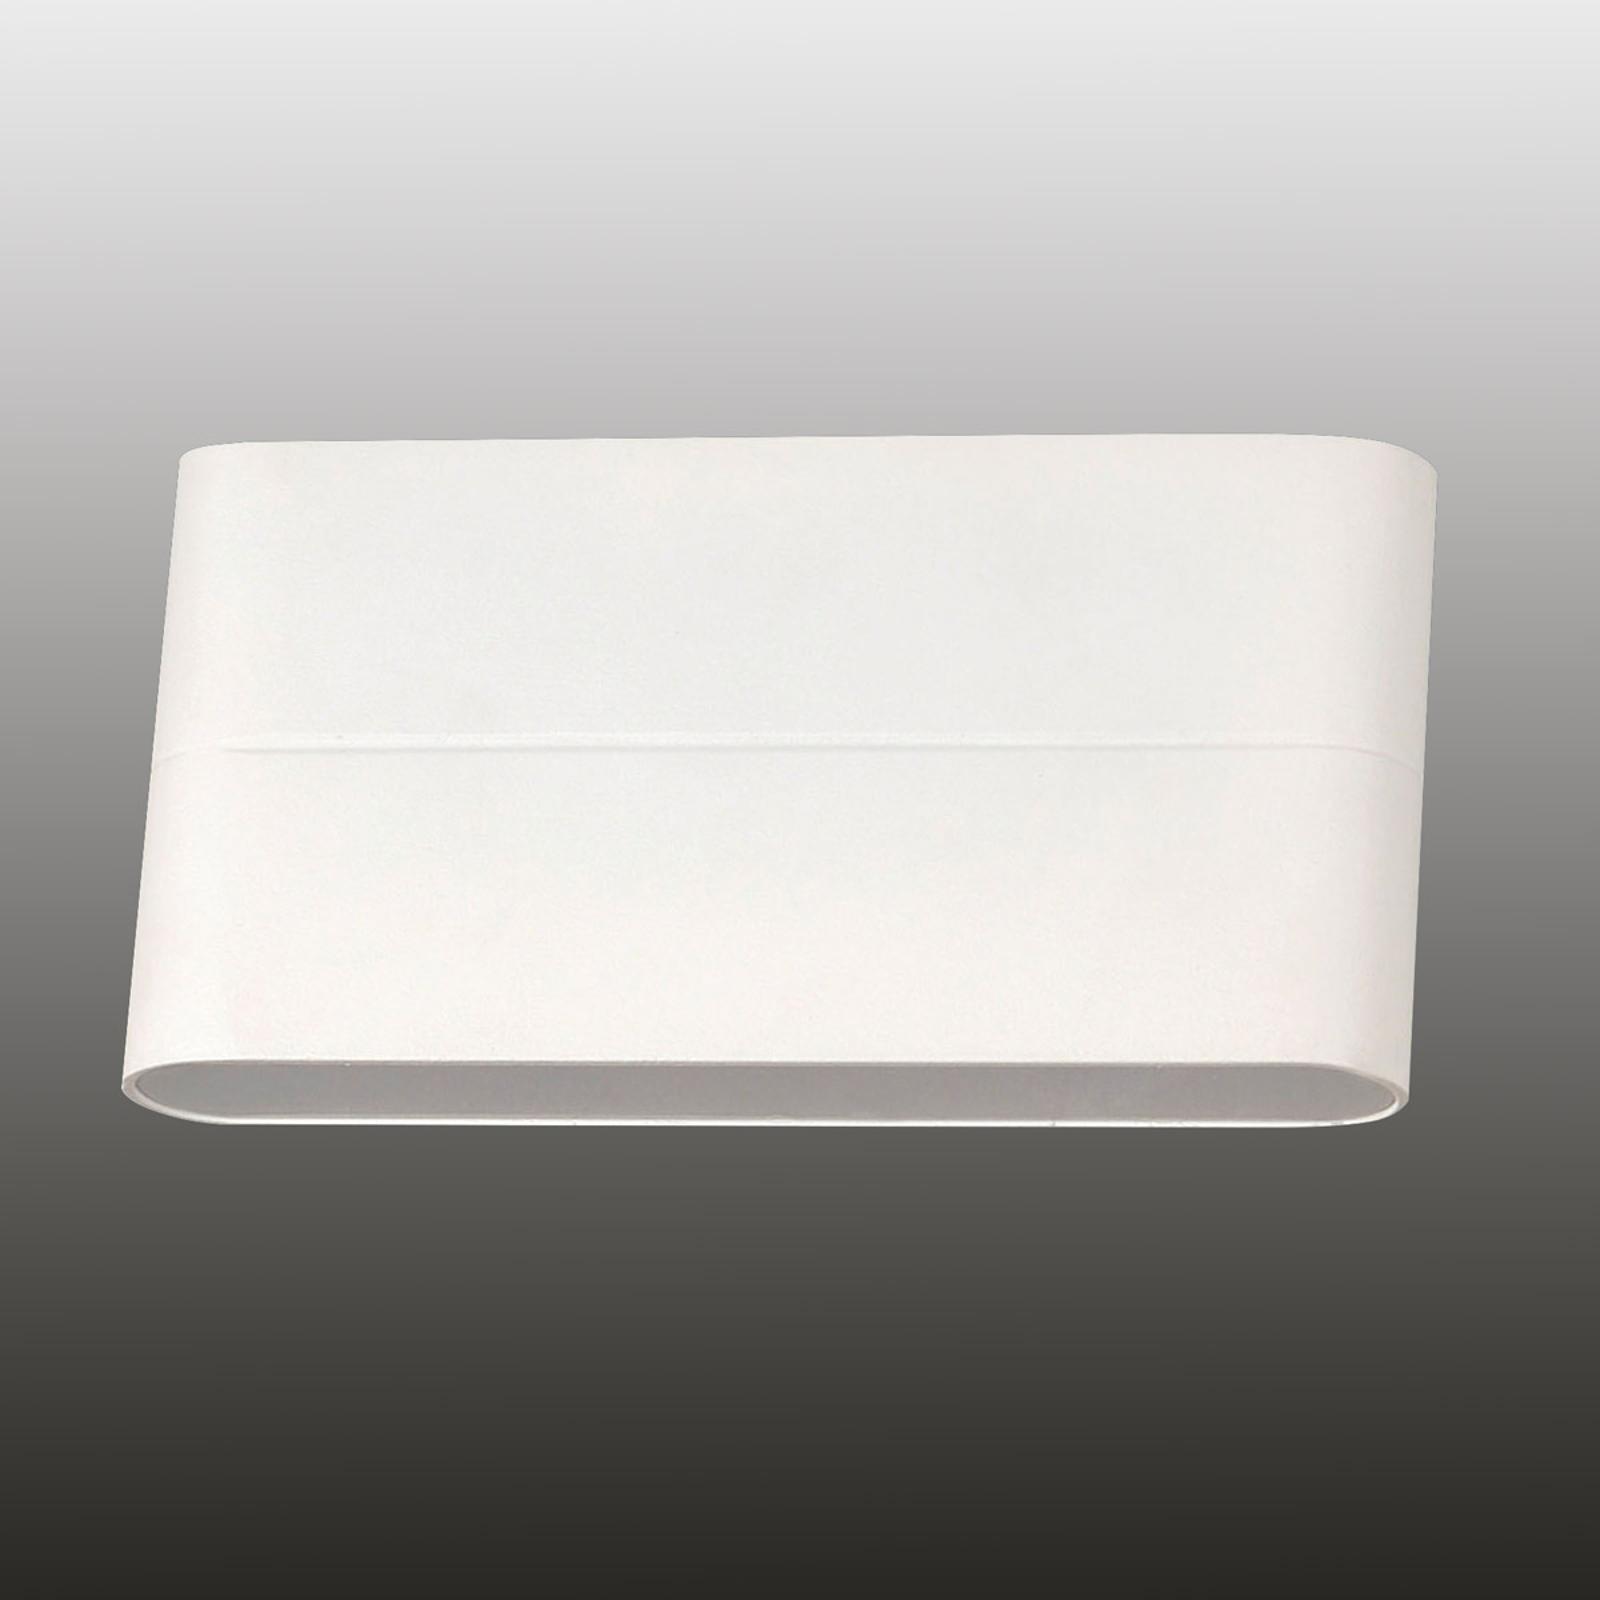 Casper - applique LED pour l'extérieur, blanc